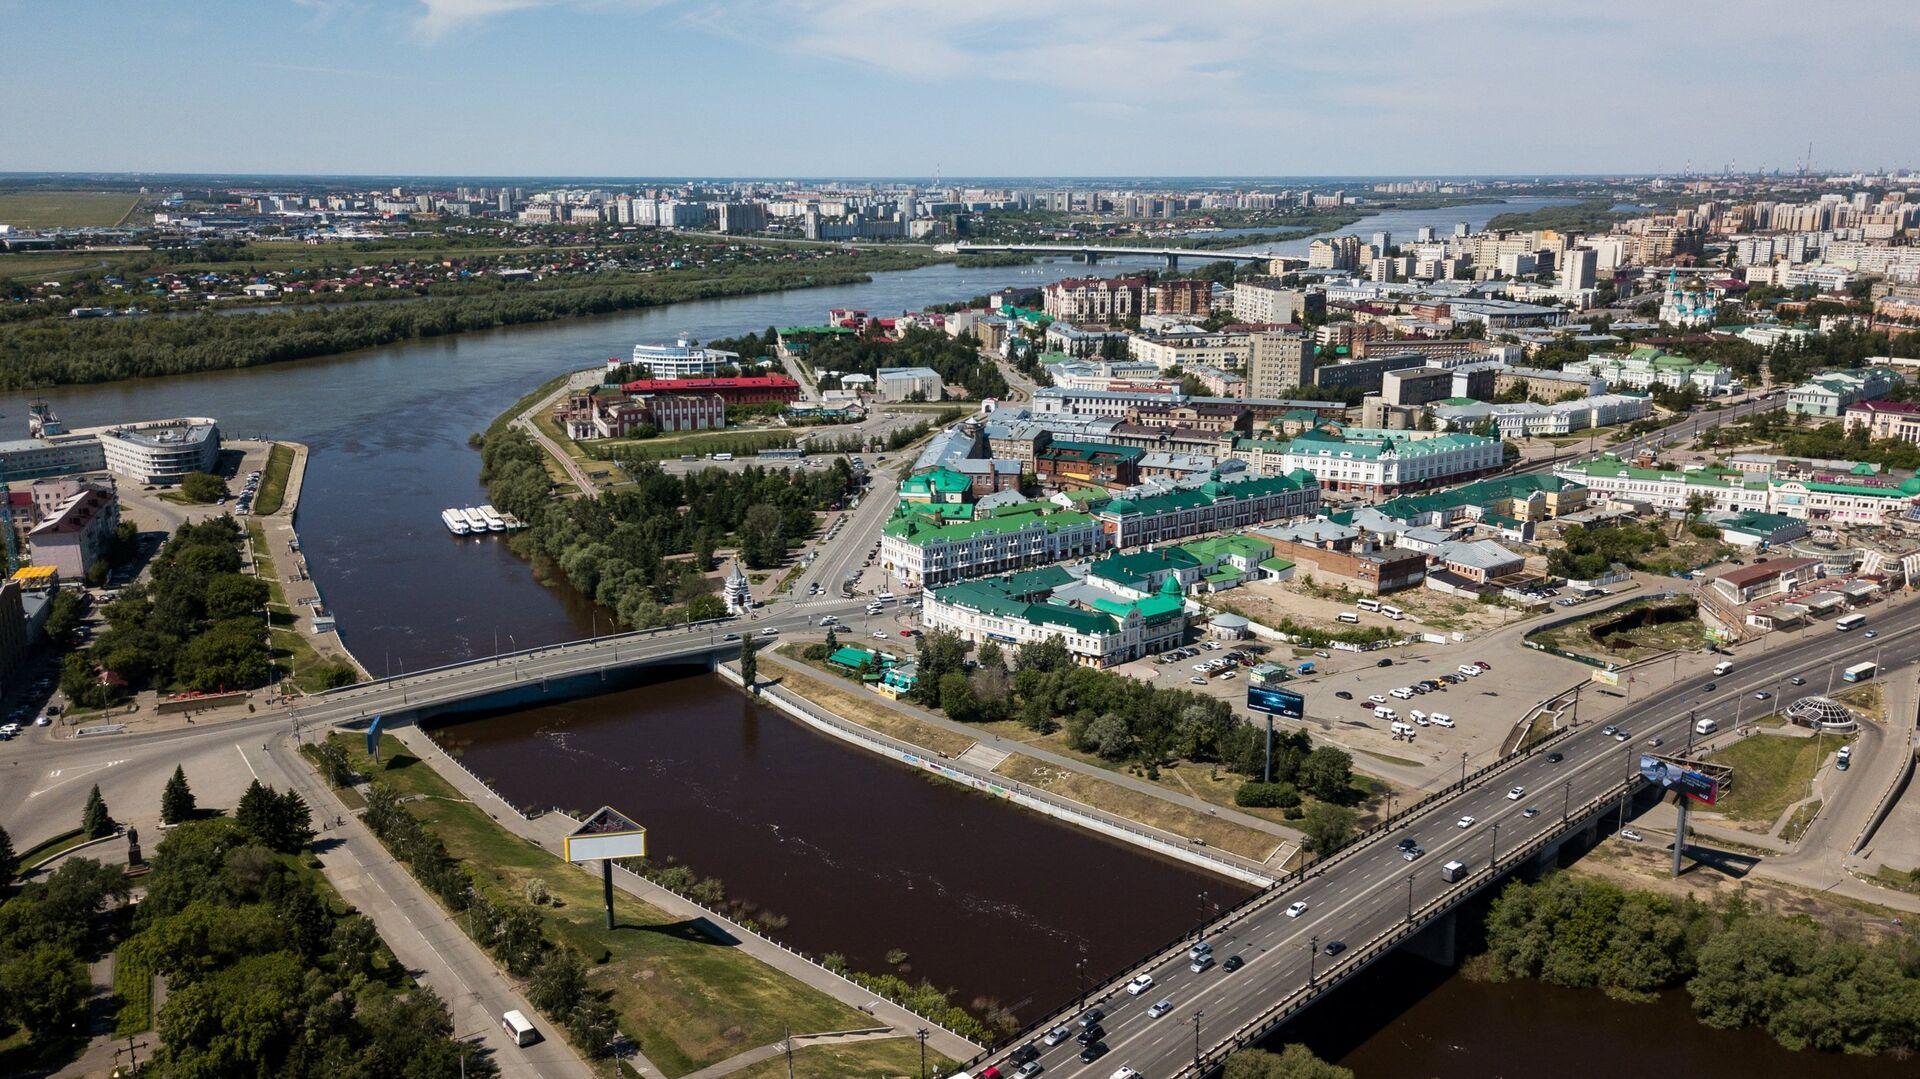 Слияние рек Омь и Иртыш в Омске - РИА Новости, 1920, 30.09.2021